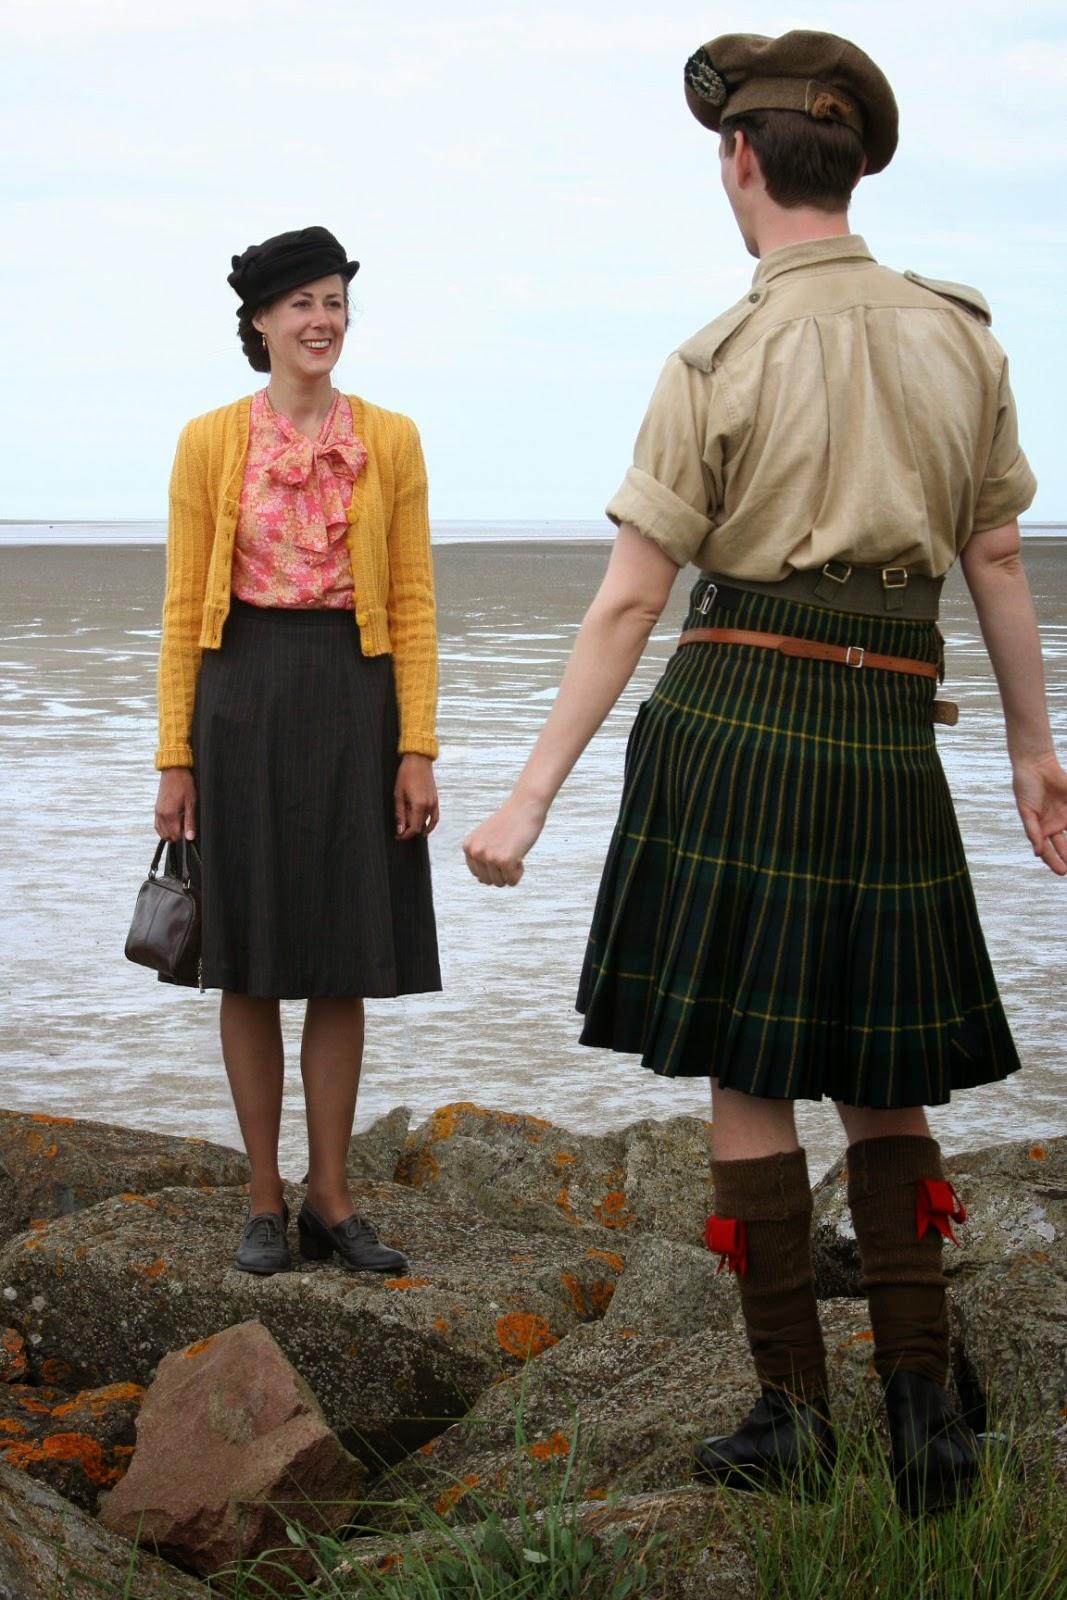 http://misshendrie.blogspot.nl/2014/07/1940s-pinstripe-skirt.html